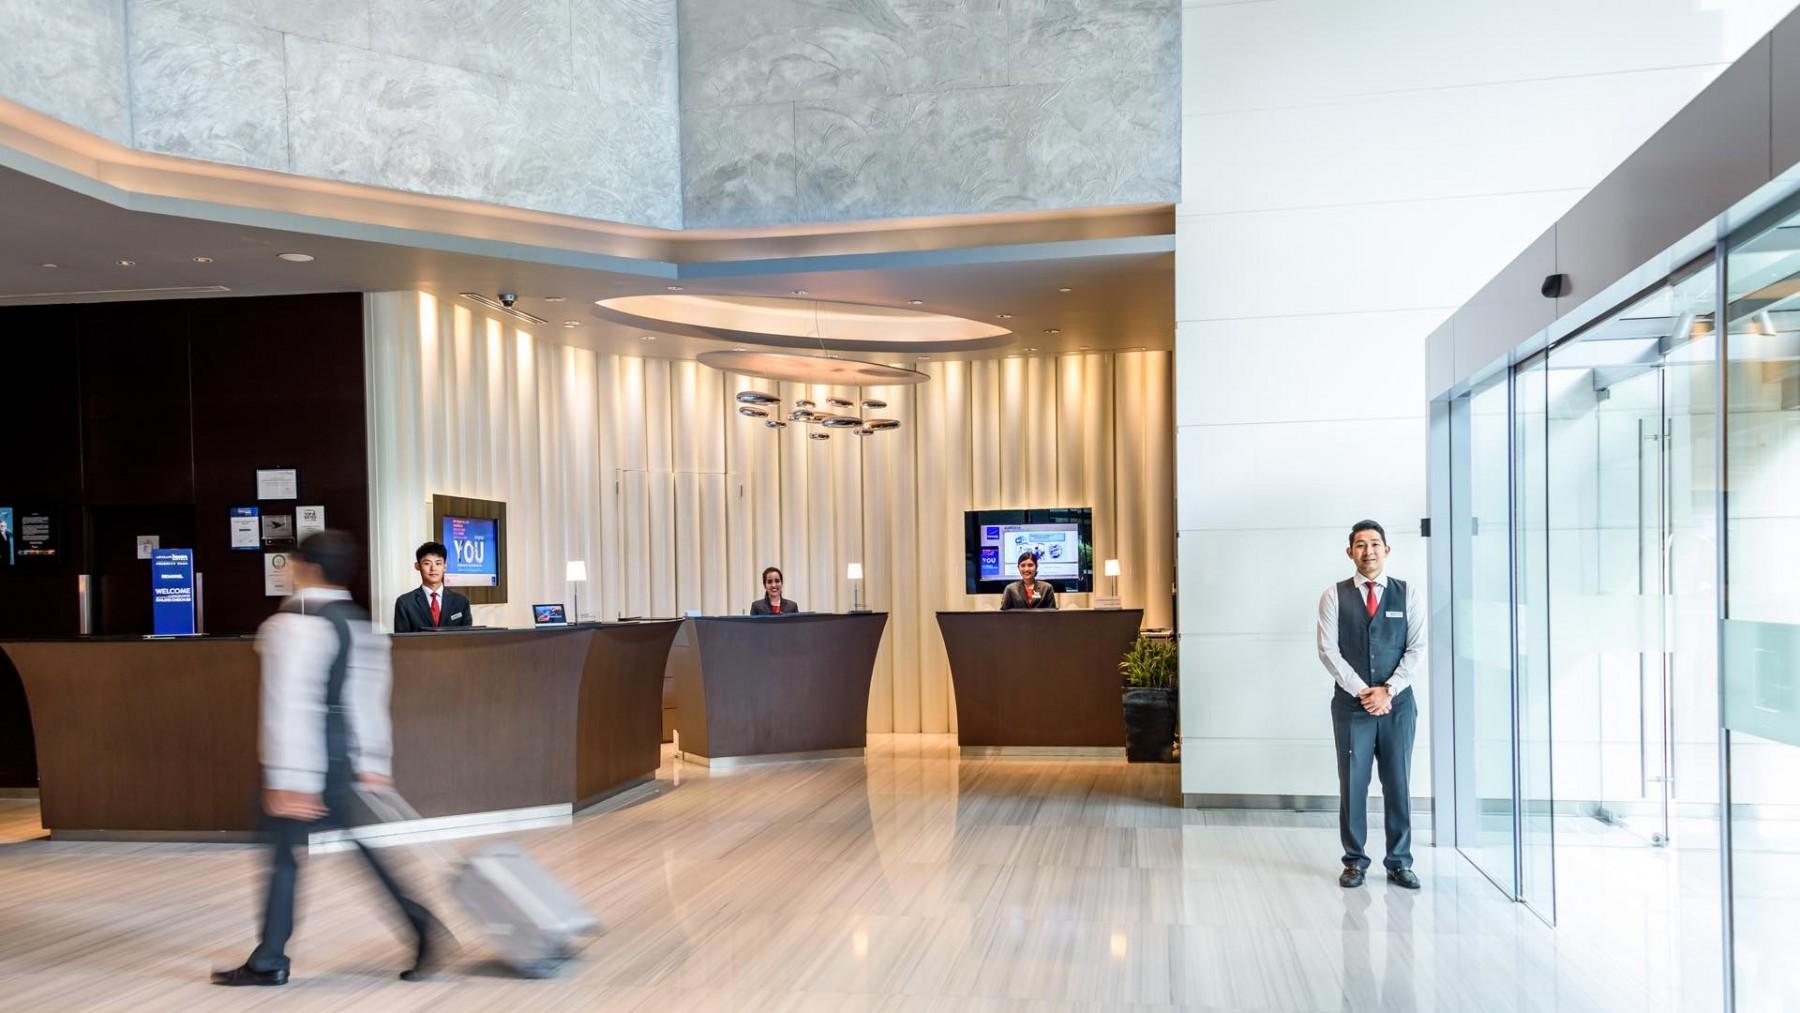 Prenota il tuo Hotel Online - Miglior prezzo …